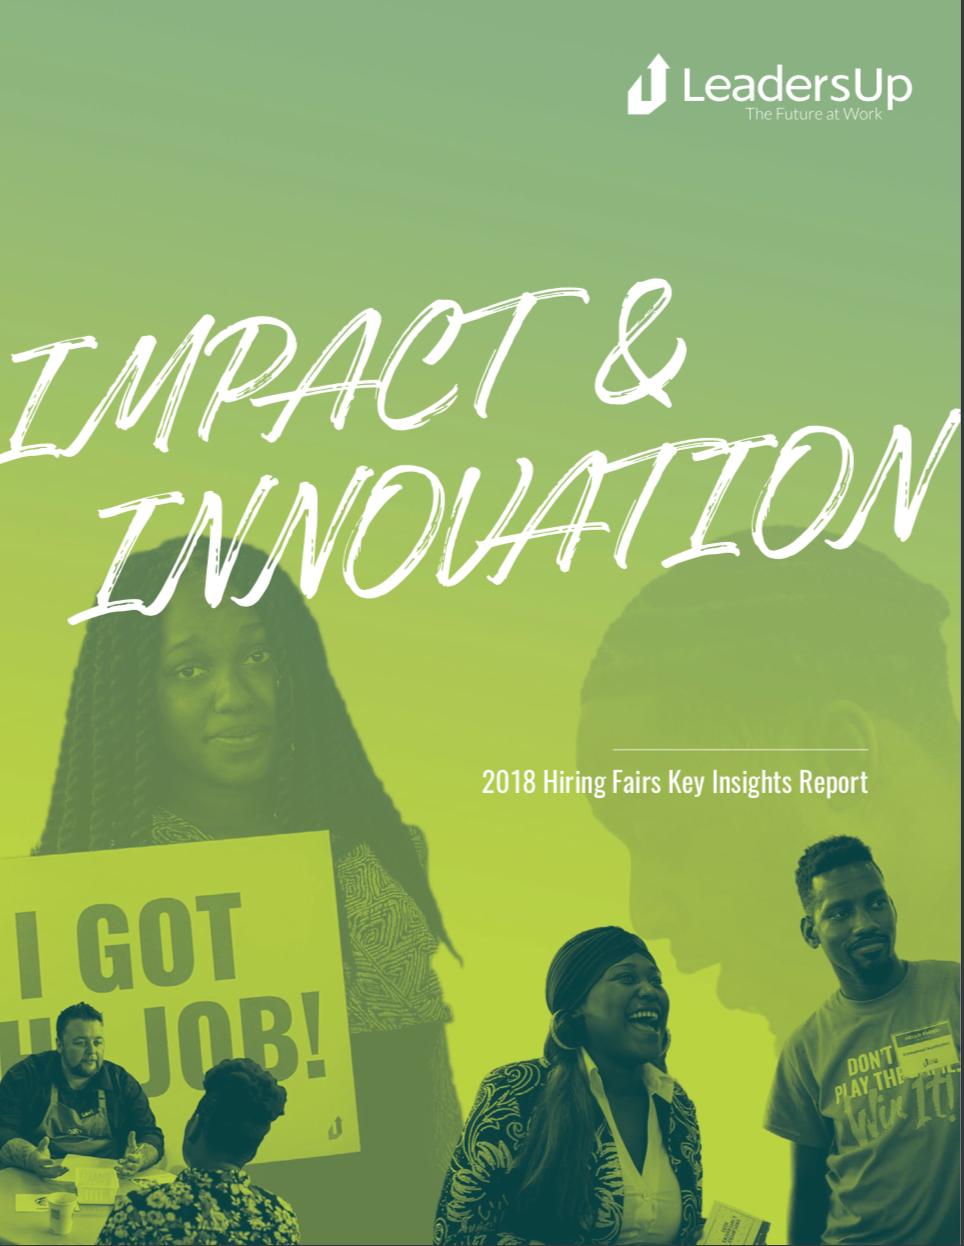 2018 Hiring Fair Key Insights Report